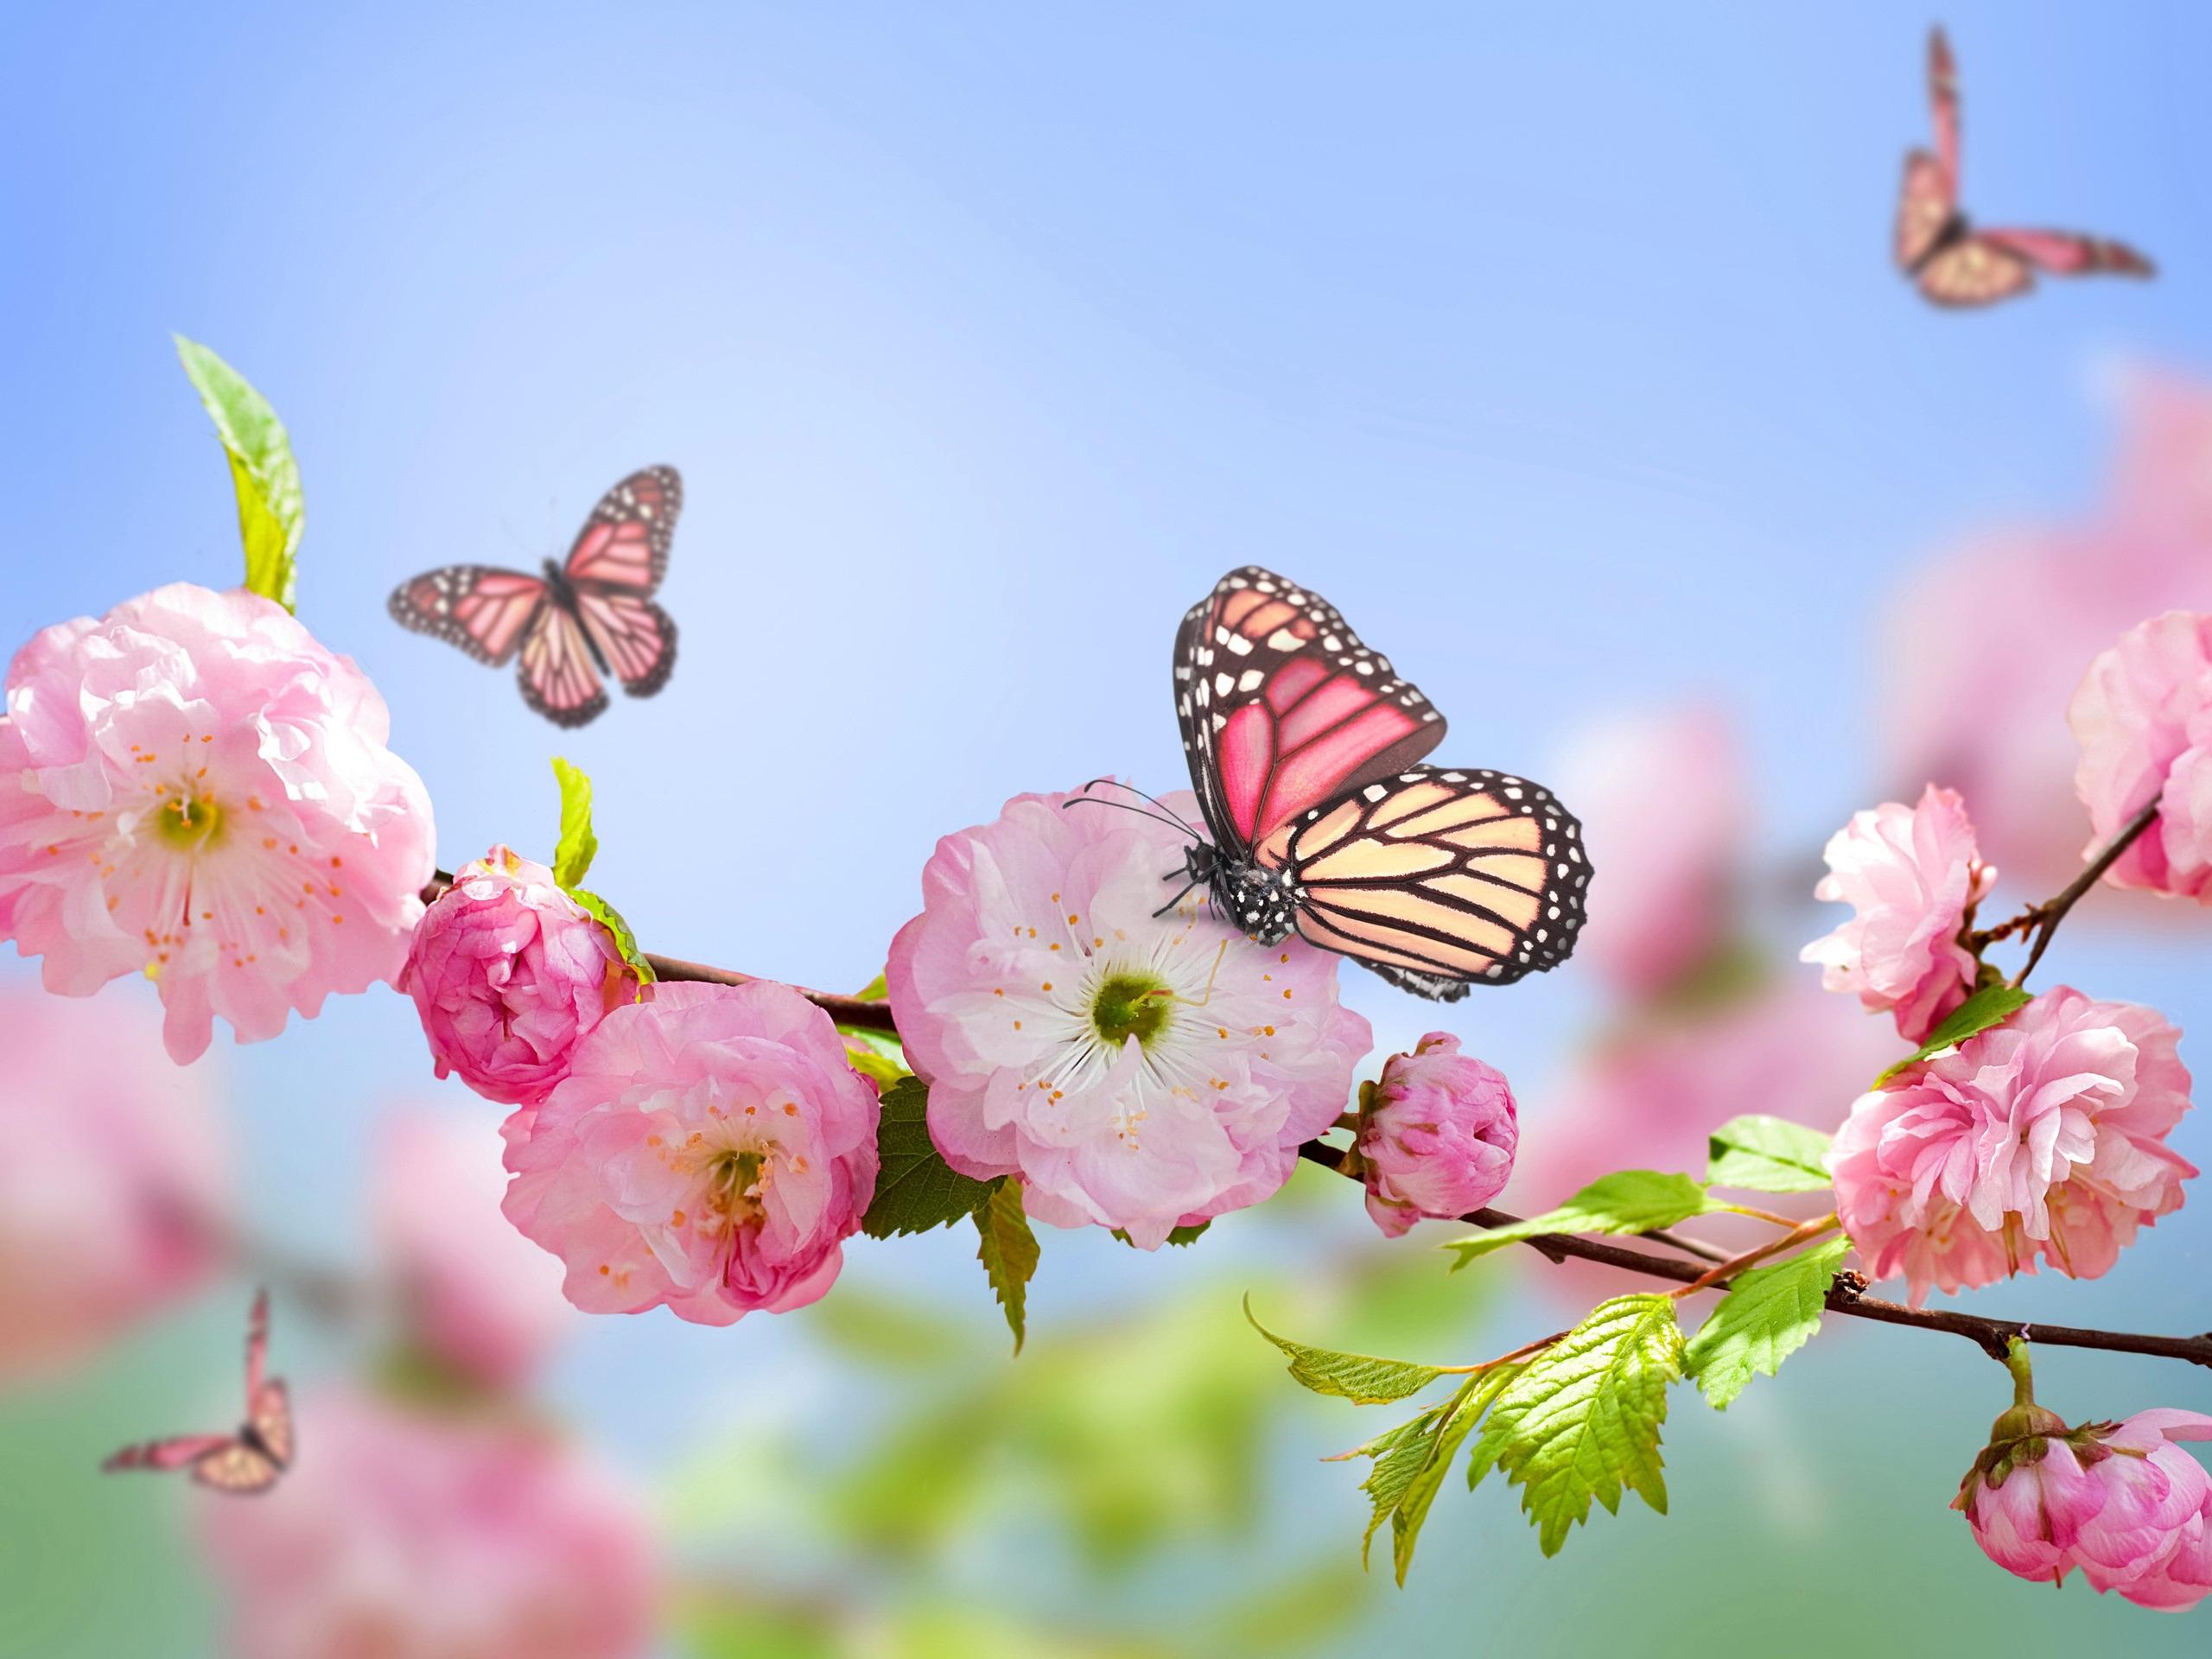 Frühling, Rosa Blumen, Schmetterlinge, Blauer Himmel mit Hintergrundbilder Blumen Und Schmetterlinge